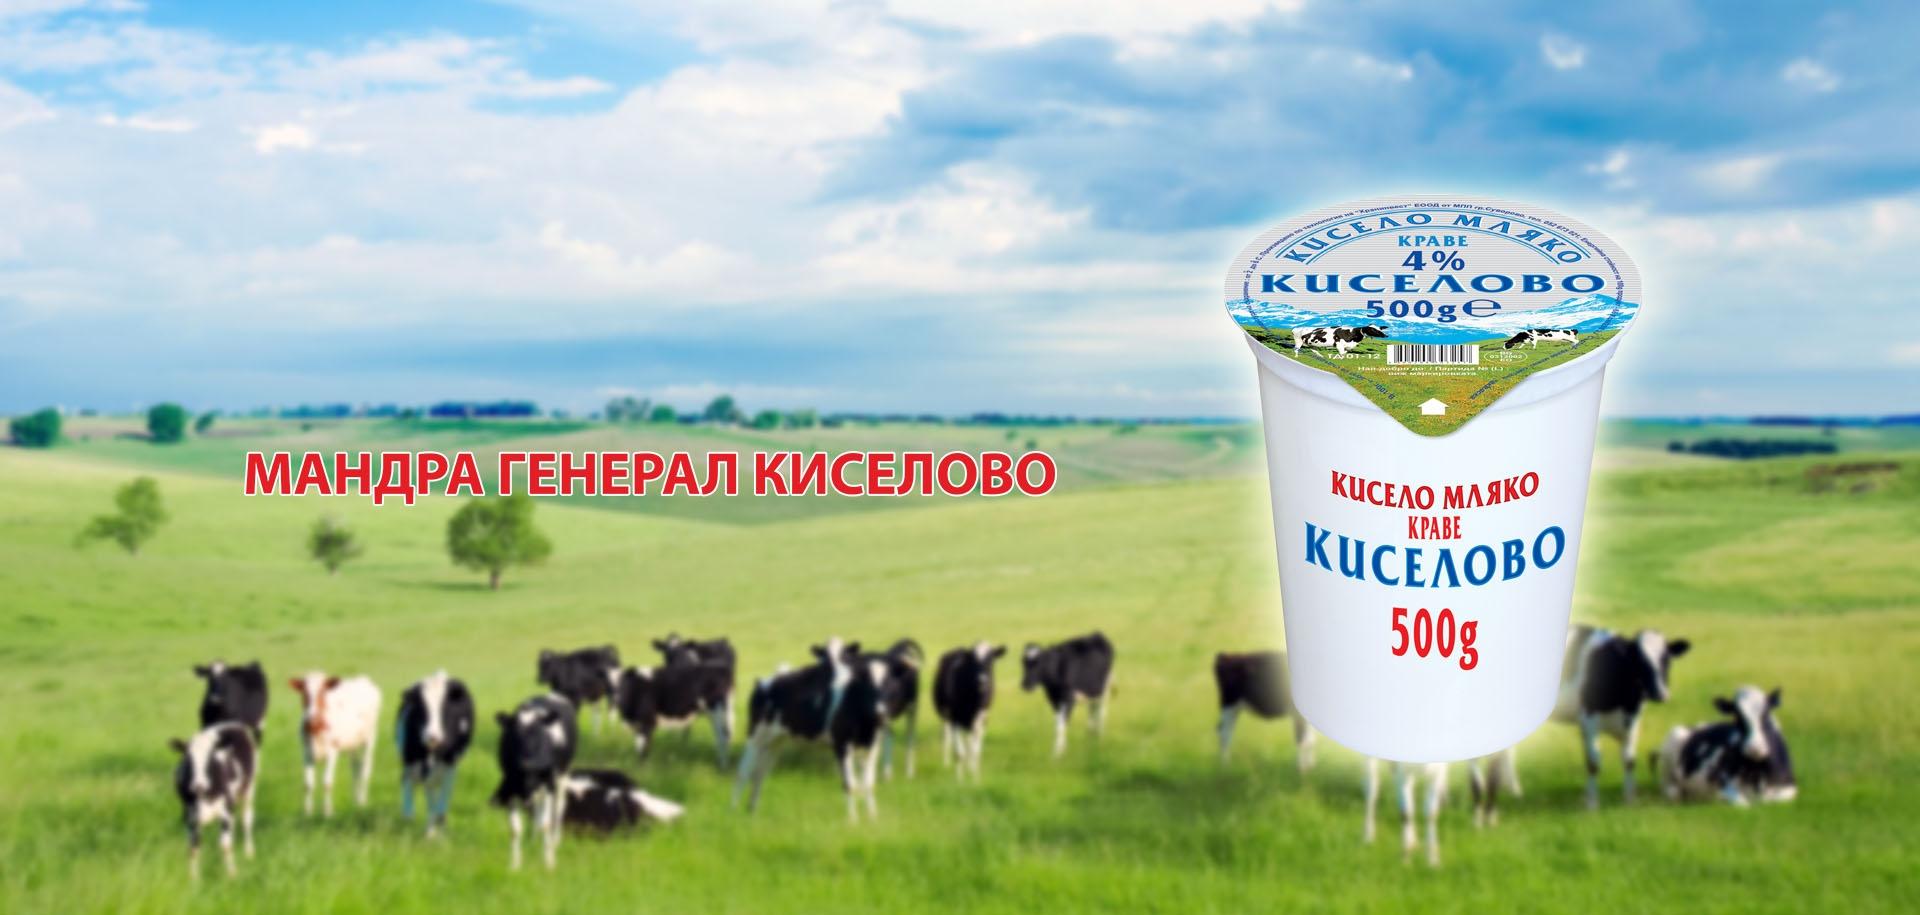 МАНДРА ГЕНЕРАЛ КИСЕЛОВО